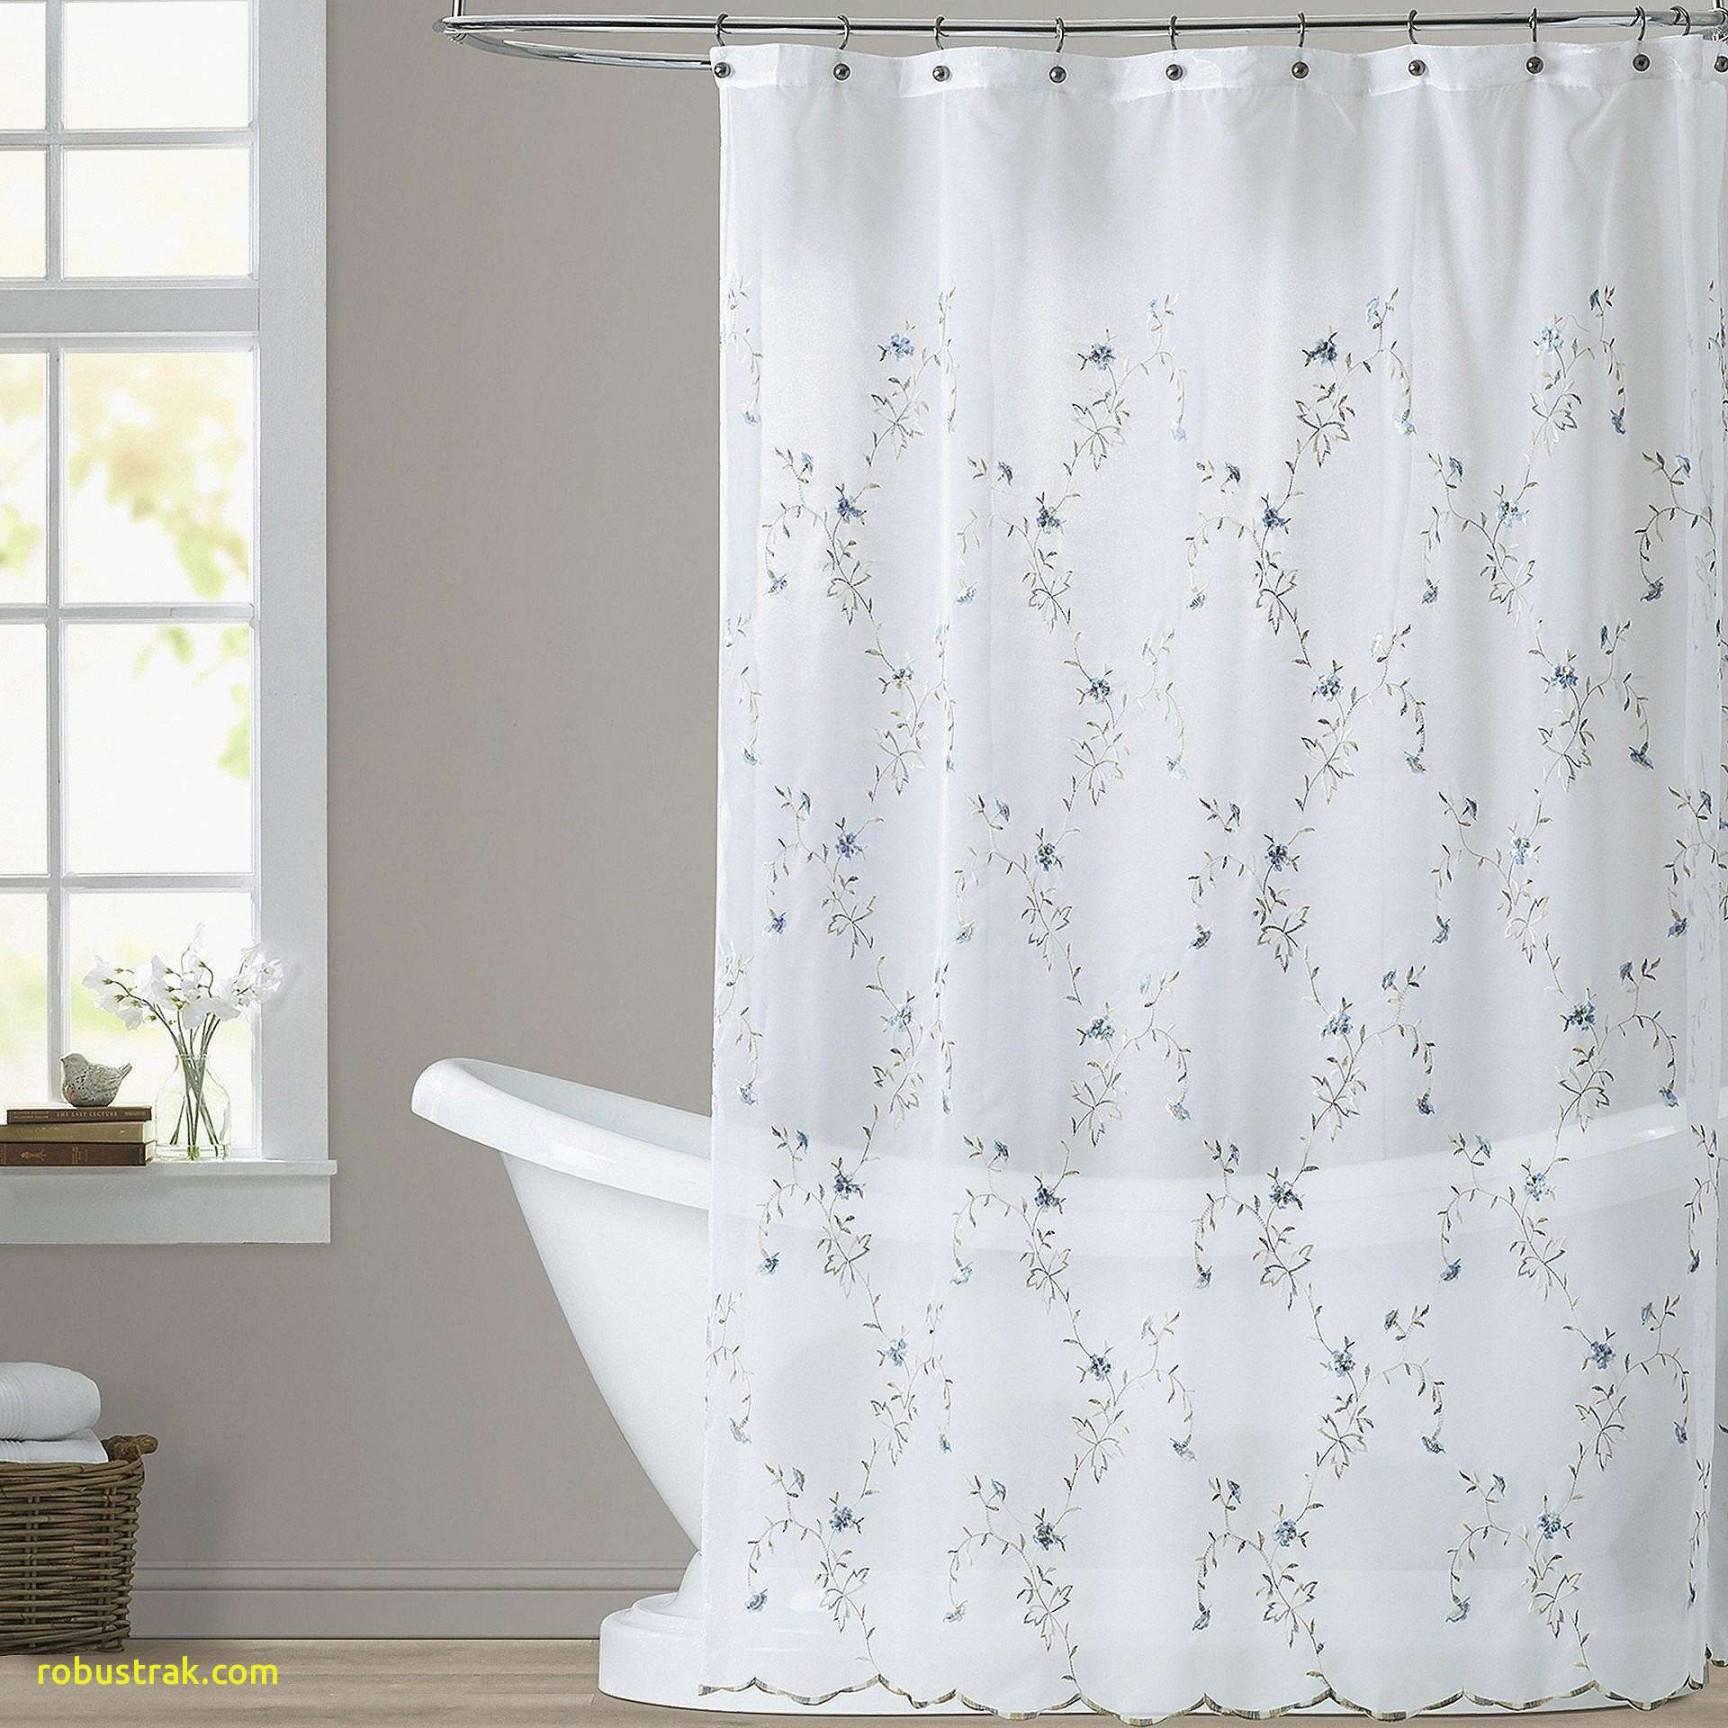 shower curtains modern designs 22 elegant shower curtain alternative of shower curtains modern designs